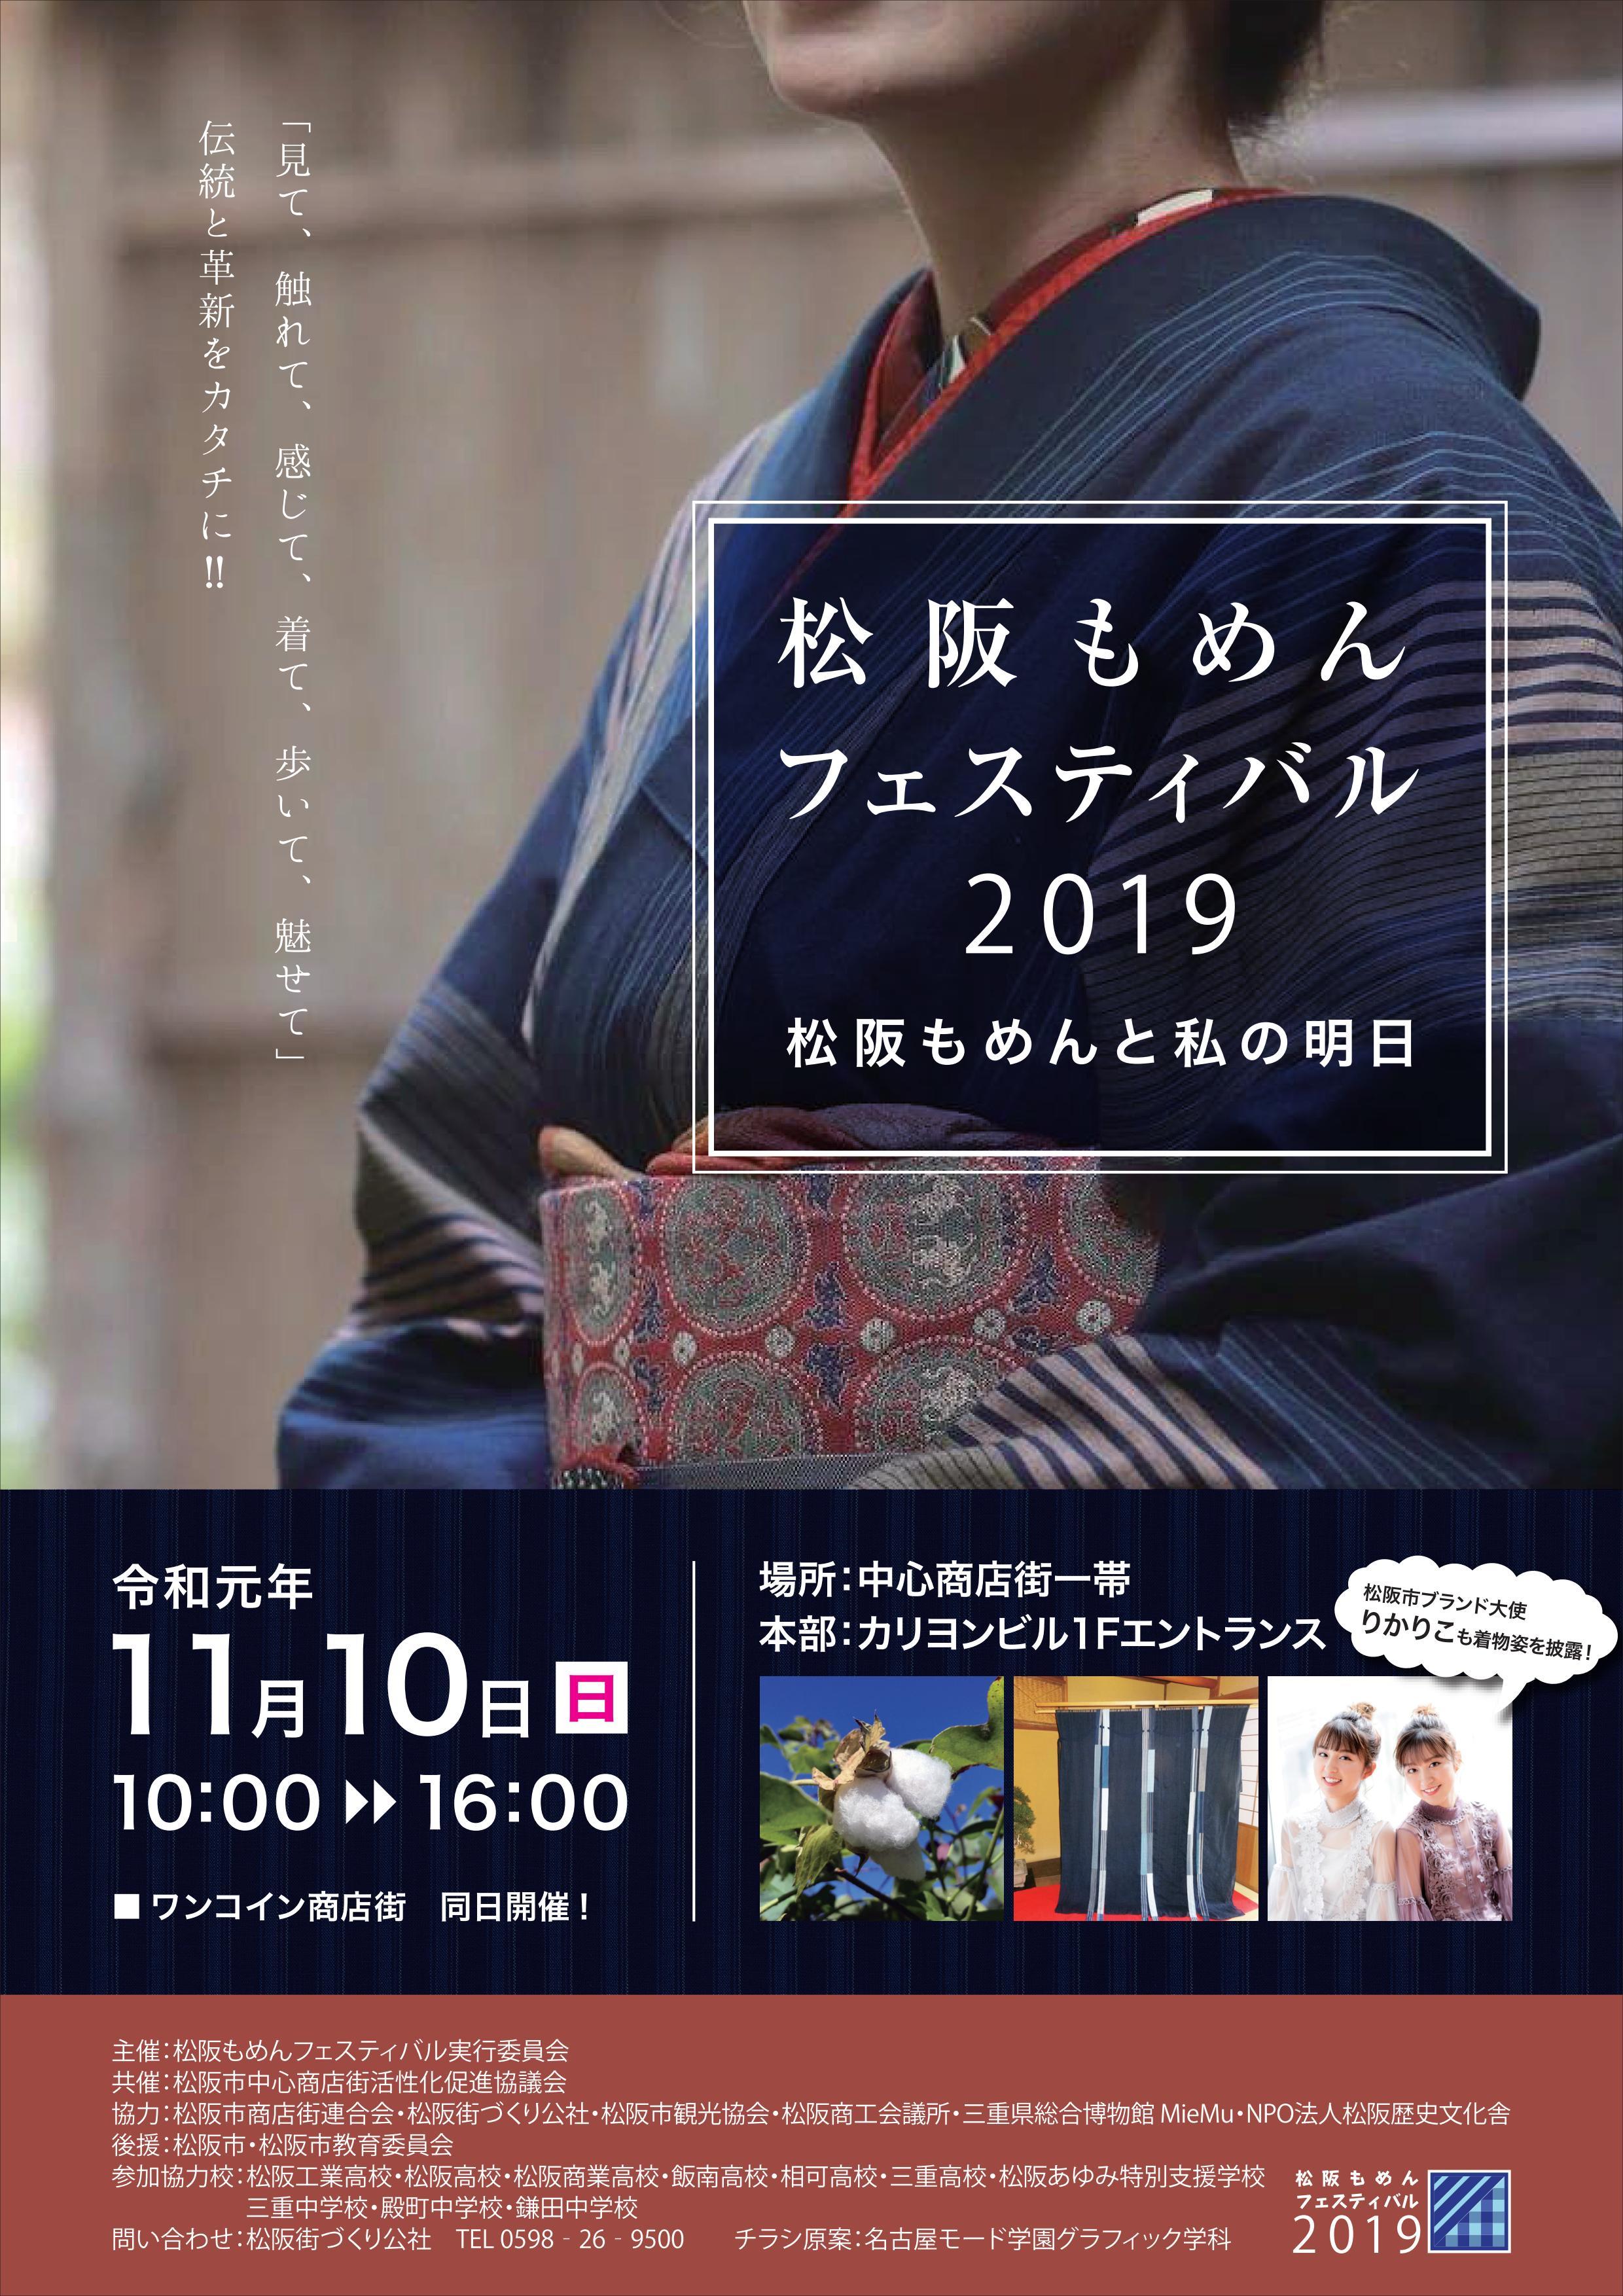 2019年11月10日(日)松阪もめんフェスティバル2019